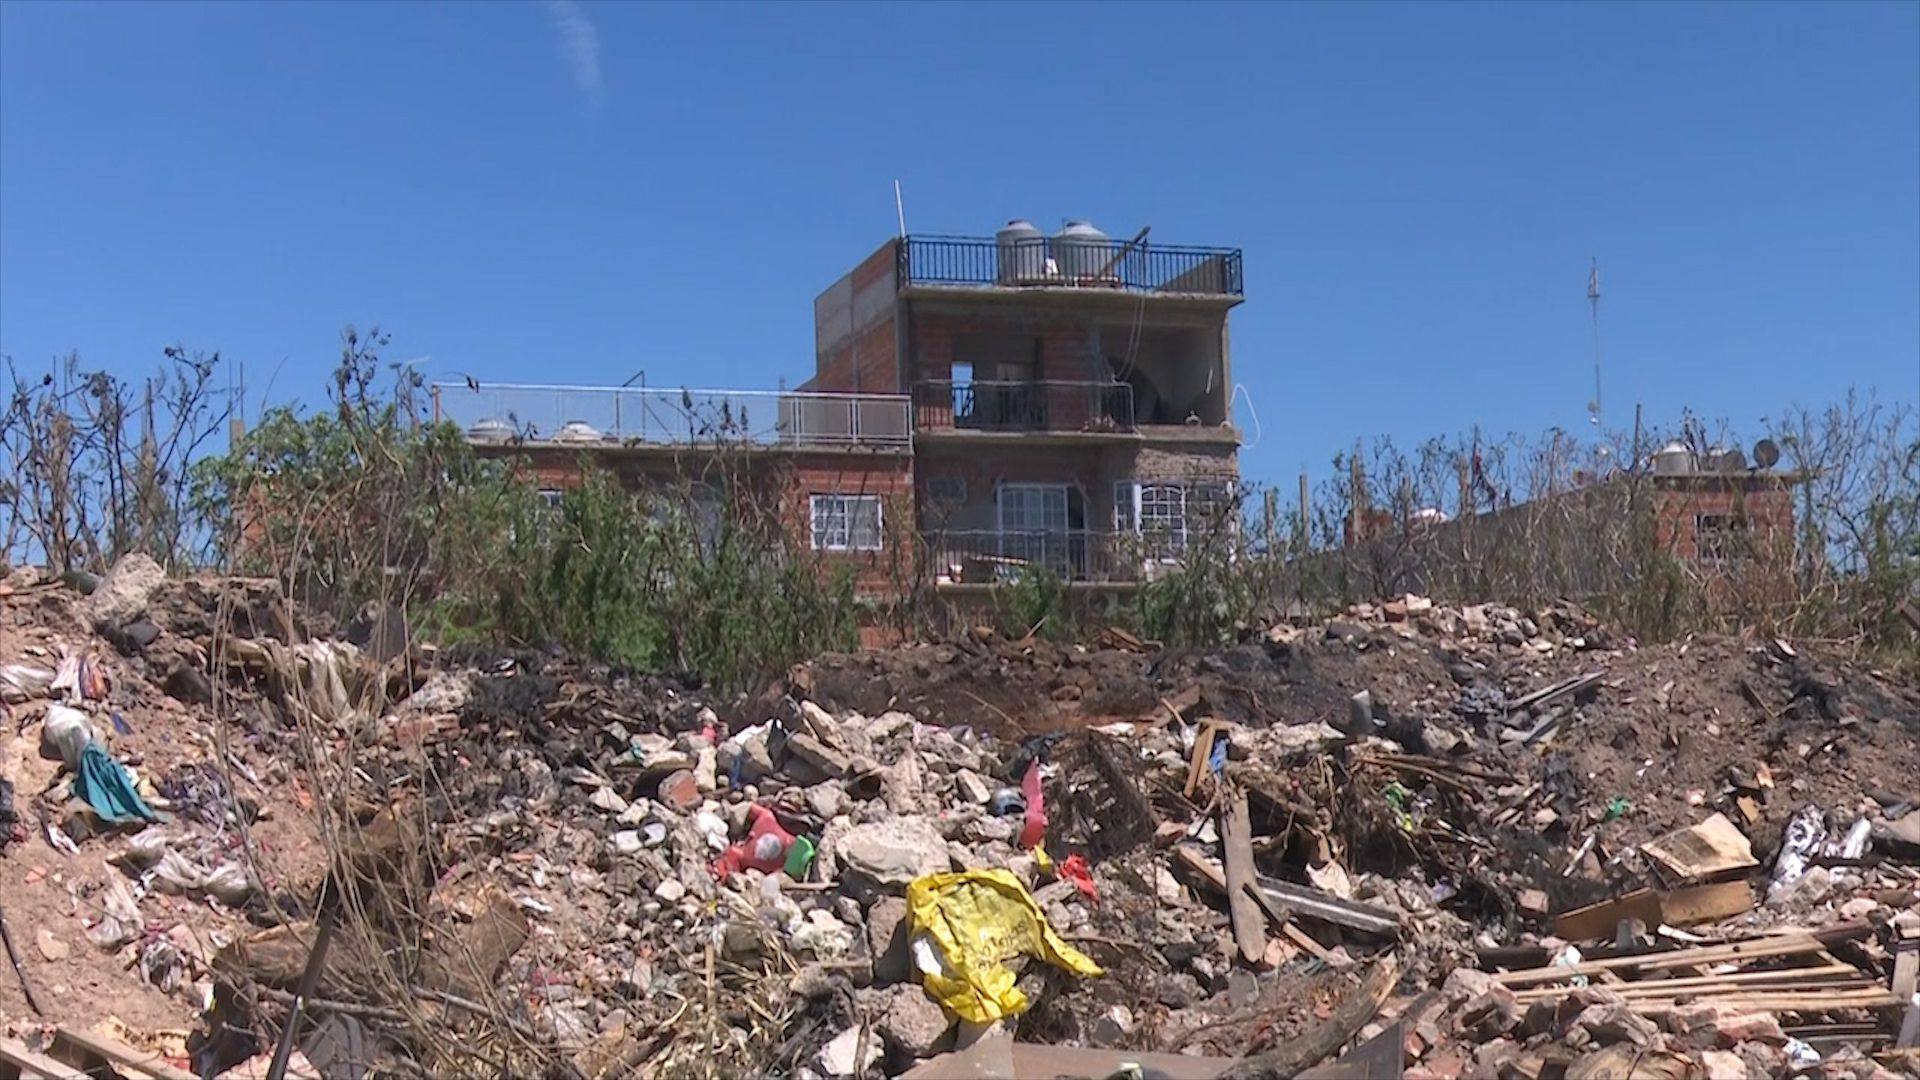 Las modificaciones a la ley de residuos habían sido cuestionadas por organizaciones ambientalistas y por cartoneros.